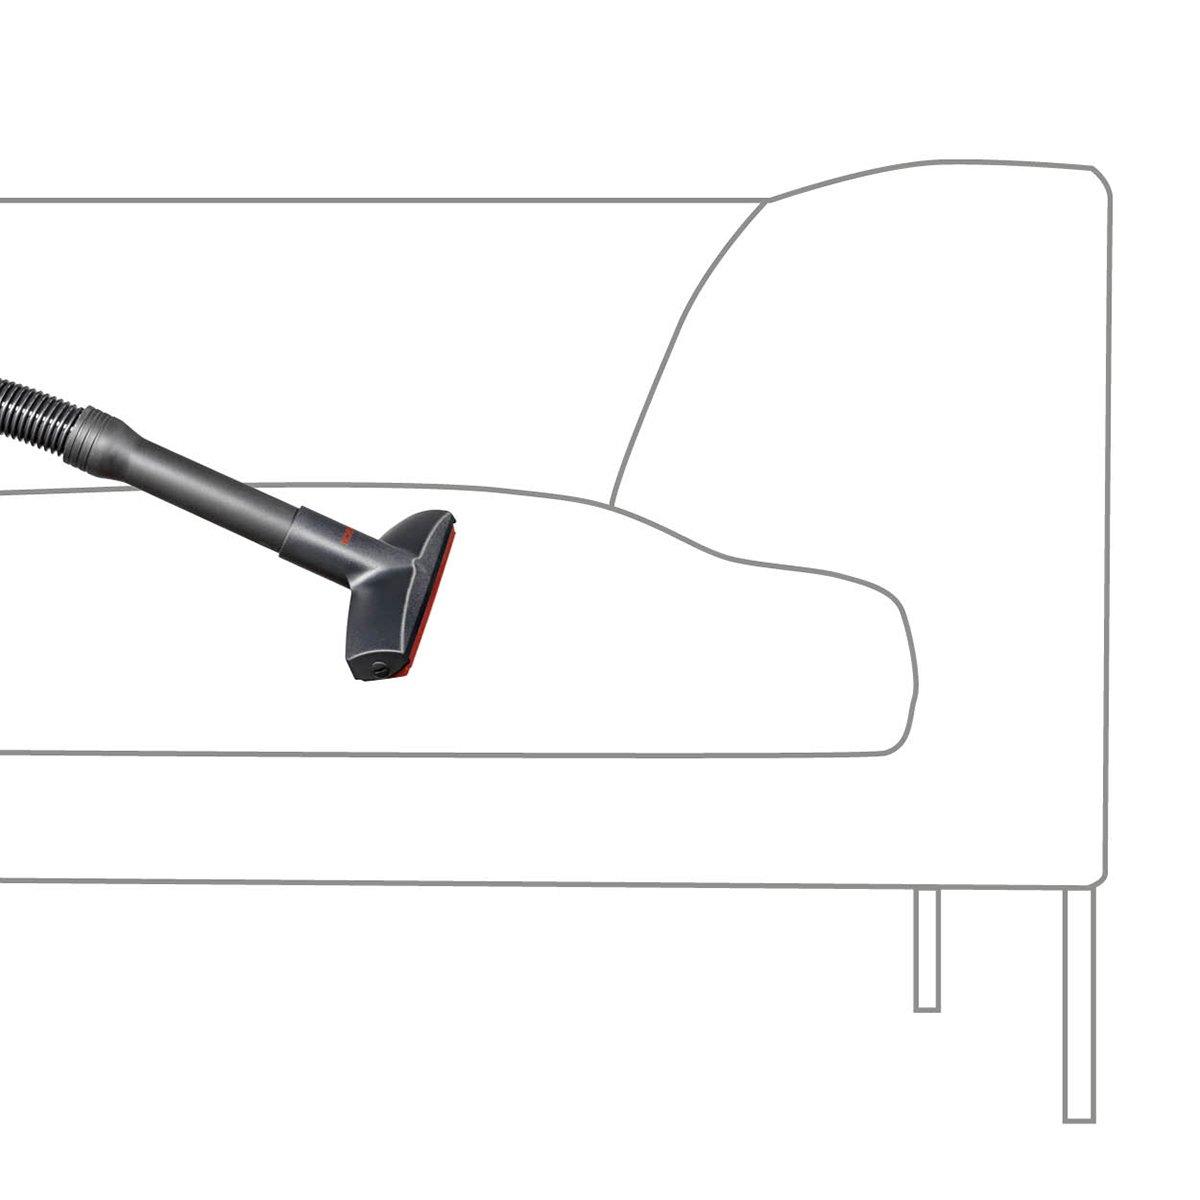 Bosch BHZKIT1 - Accesorios para juntas y tapicerías para aspirador escoba Athlet: Amazon.es: Hogar